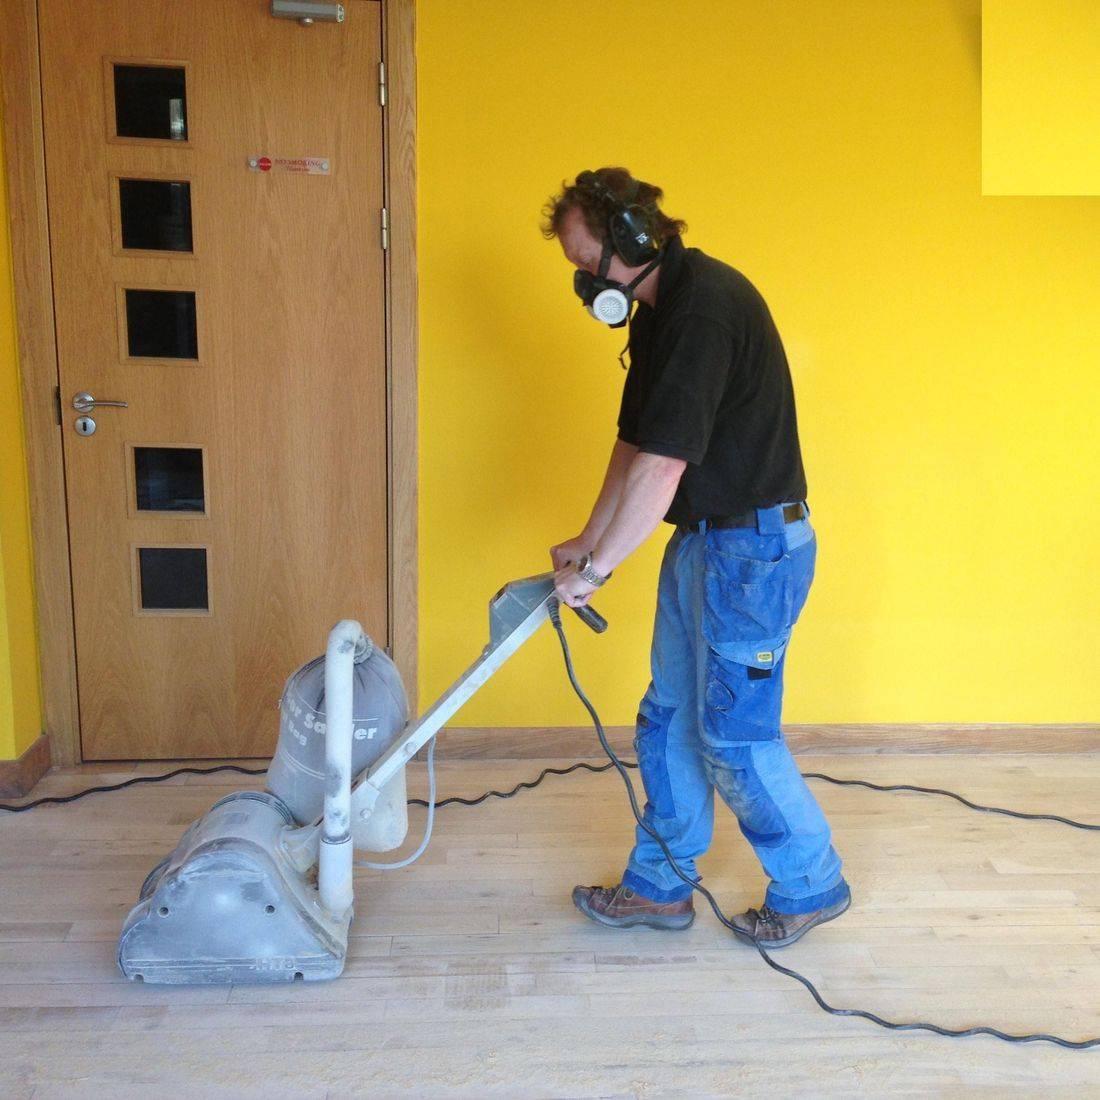 Floor Sanding Franchise. Floor sanding Business Opportunity for Sale